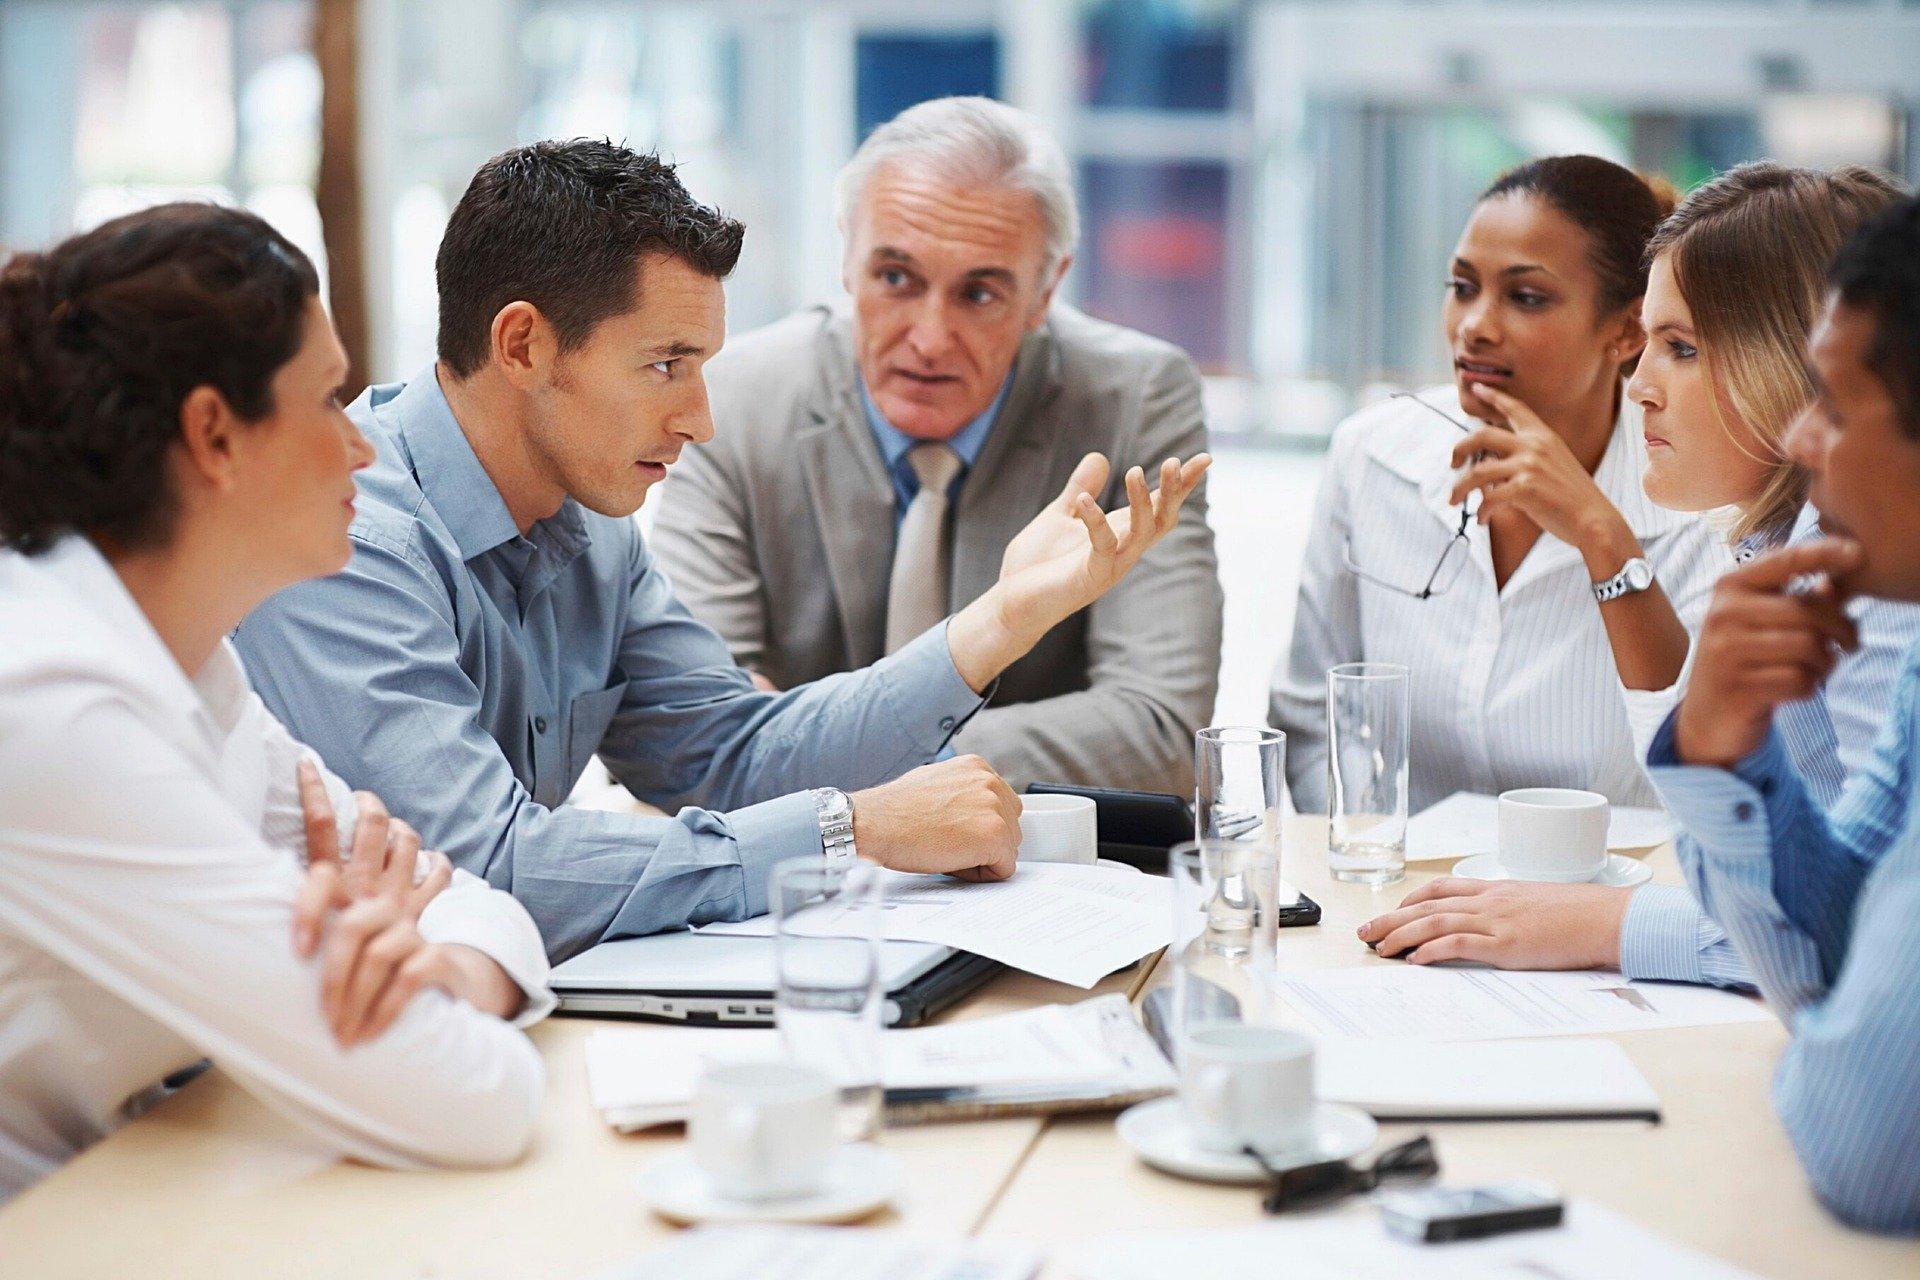 Pour 80% des dirigeants, leur entreprise a besoin de transformations